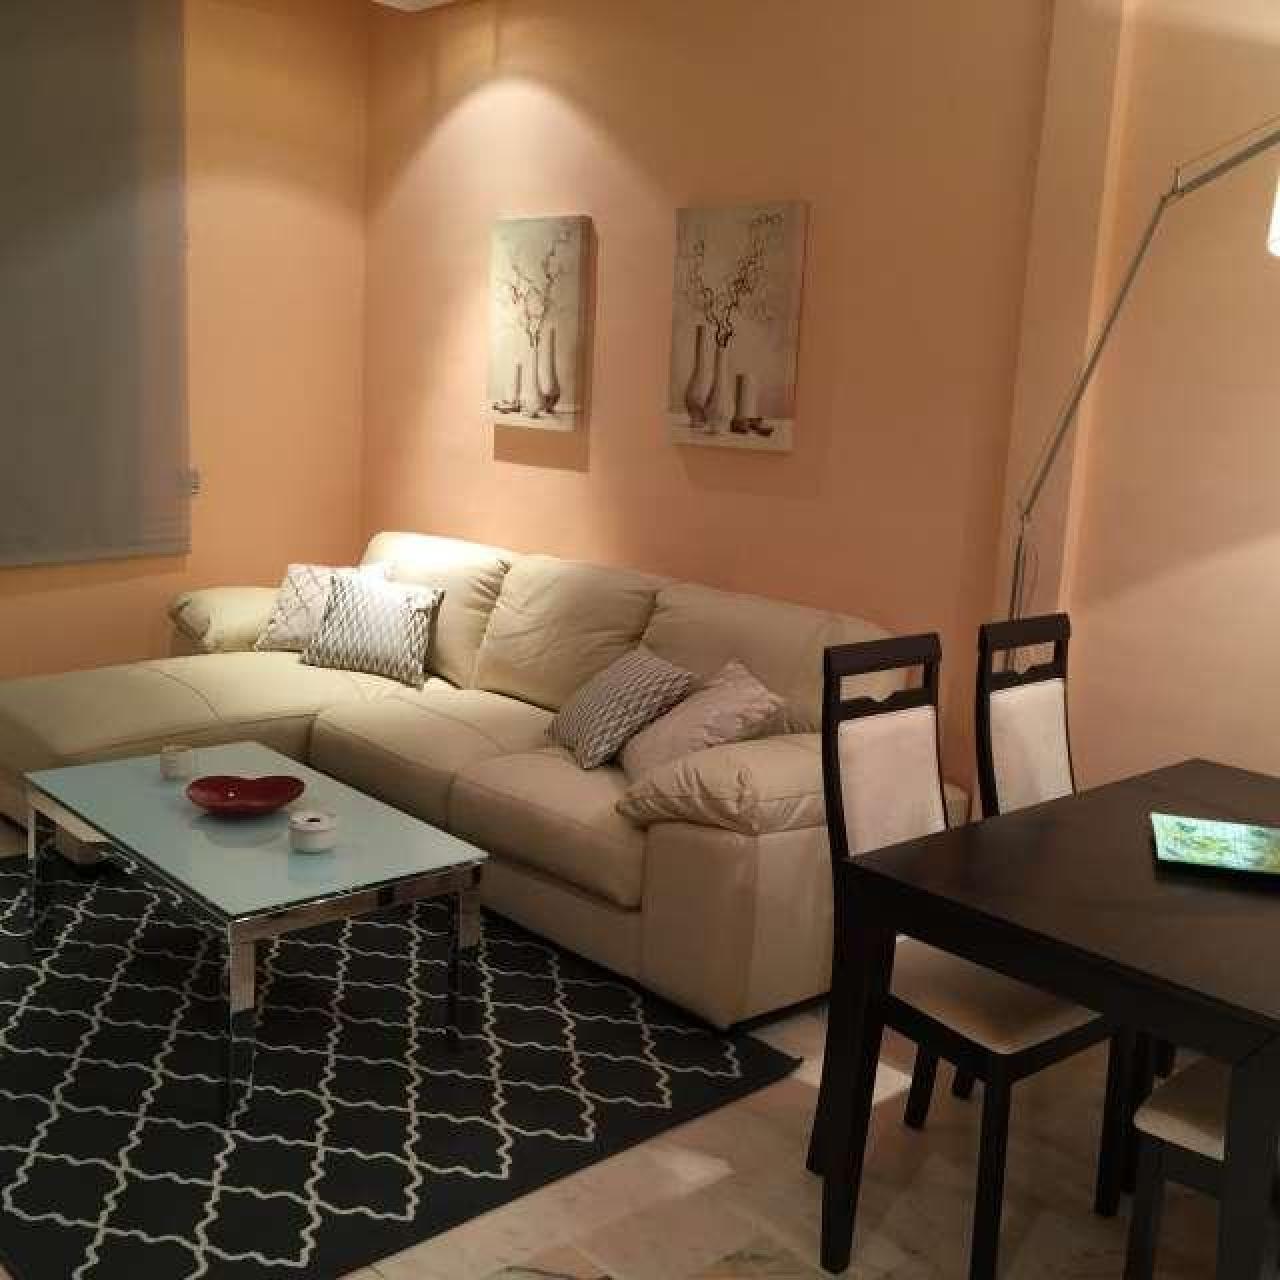 Apartamento para vacaciones Salamanca, Salamanca